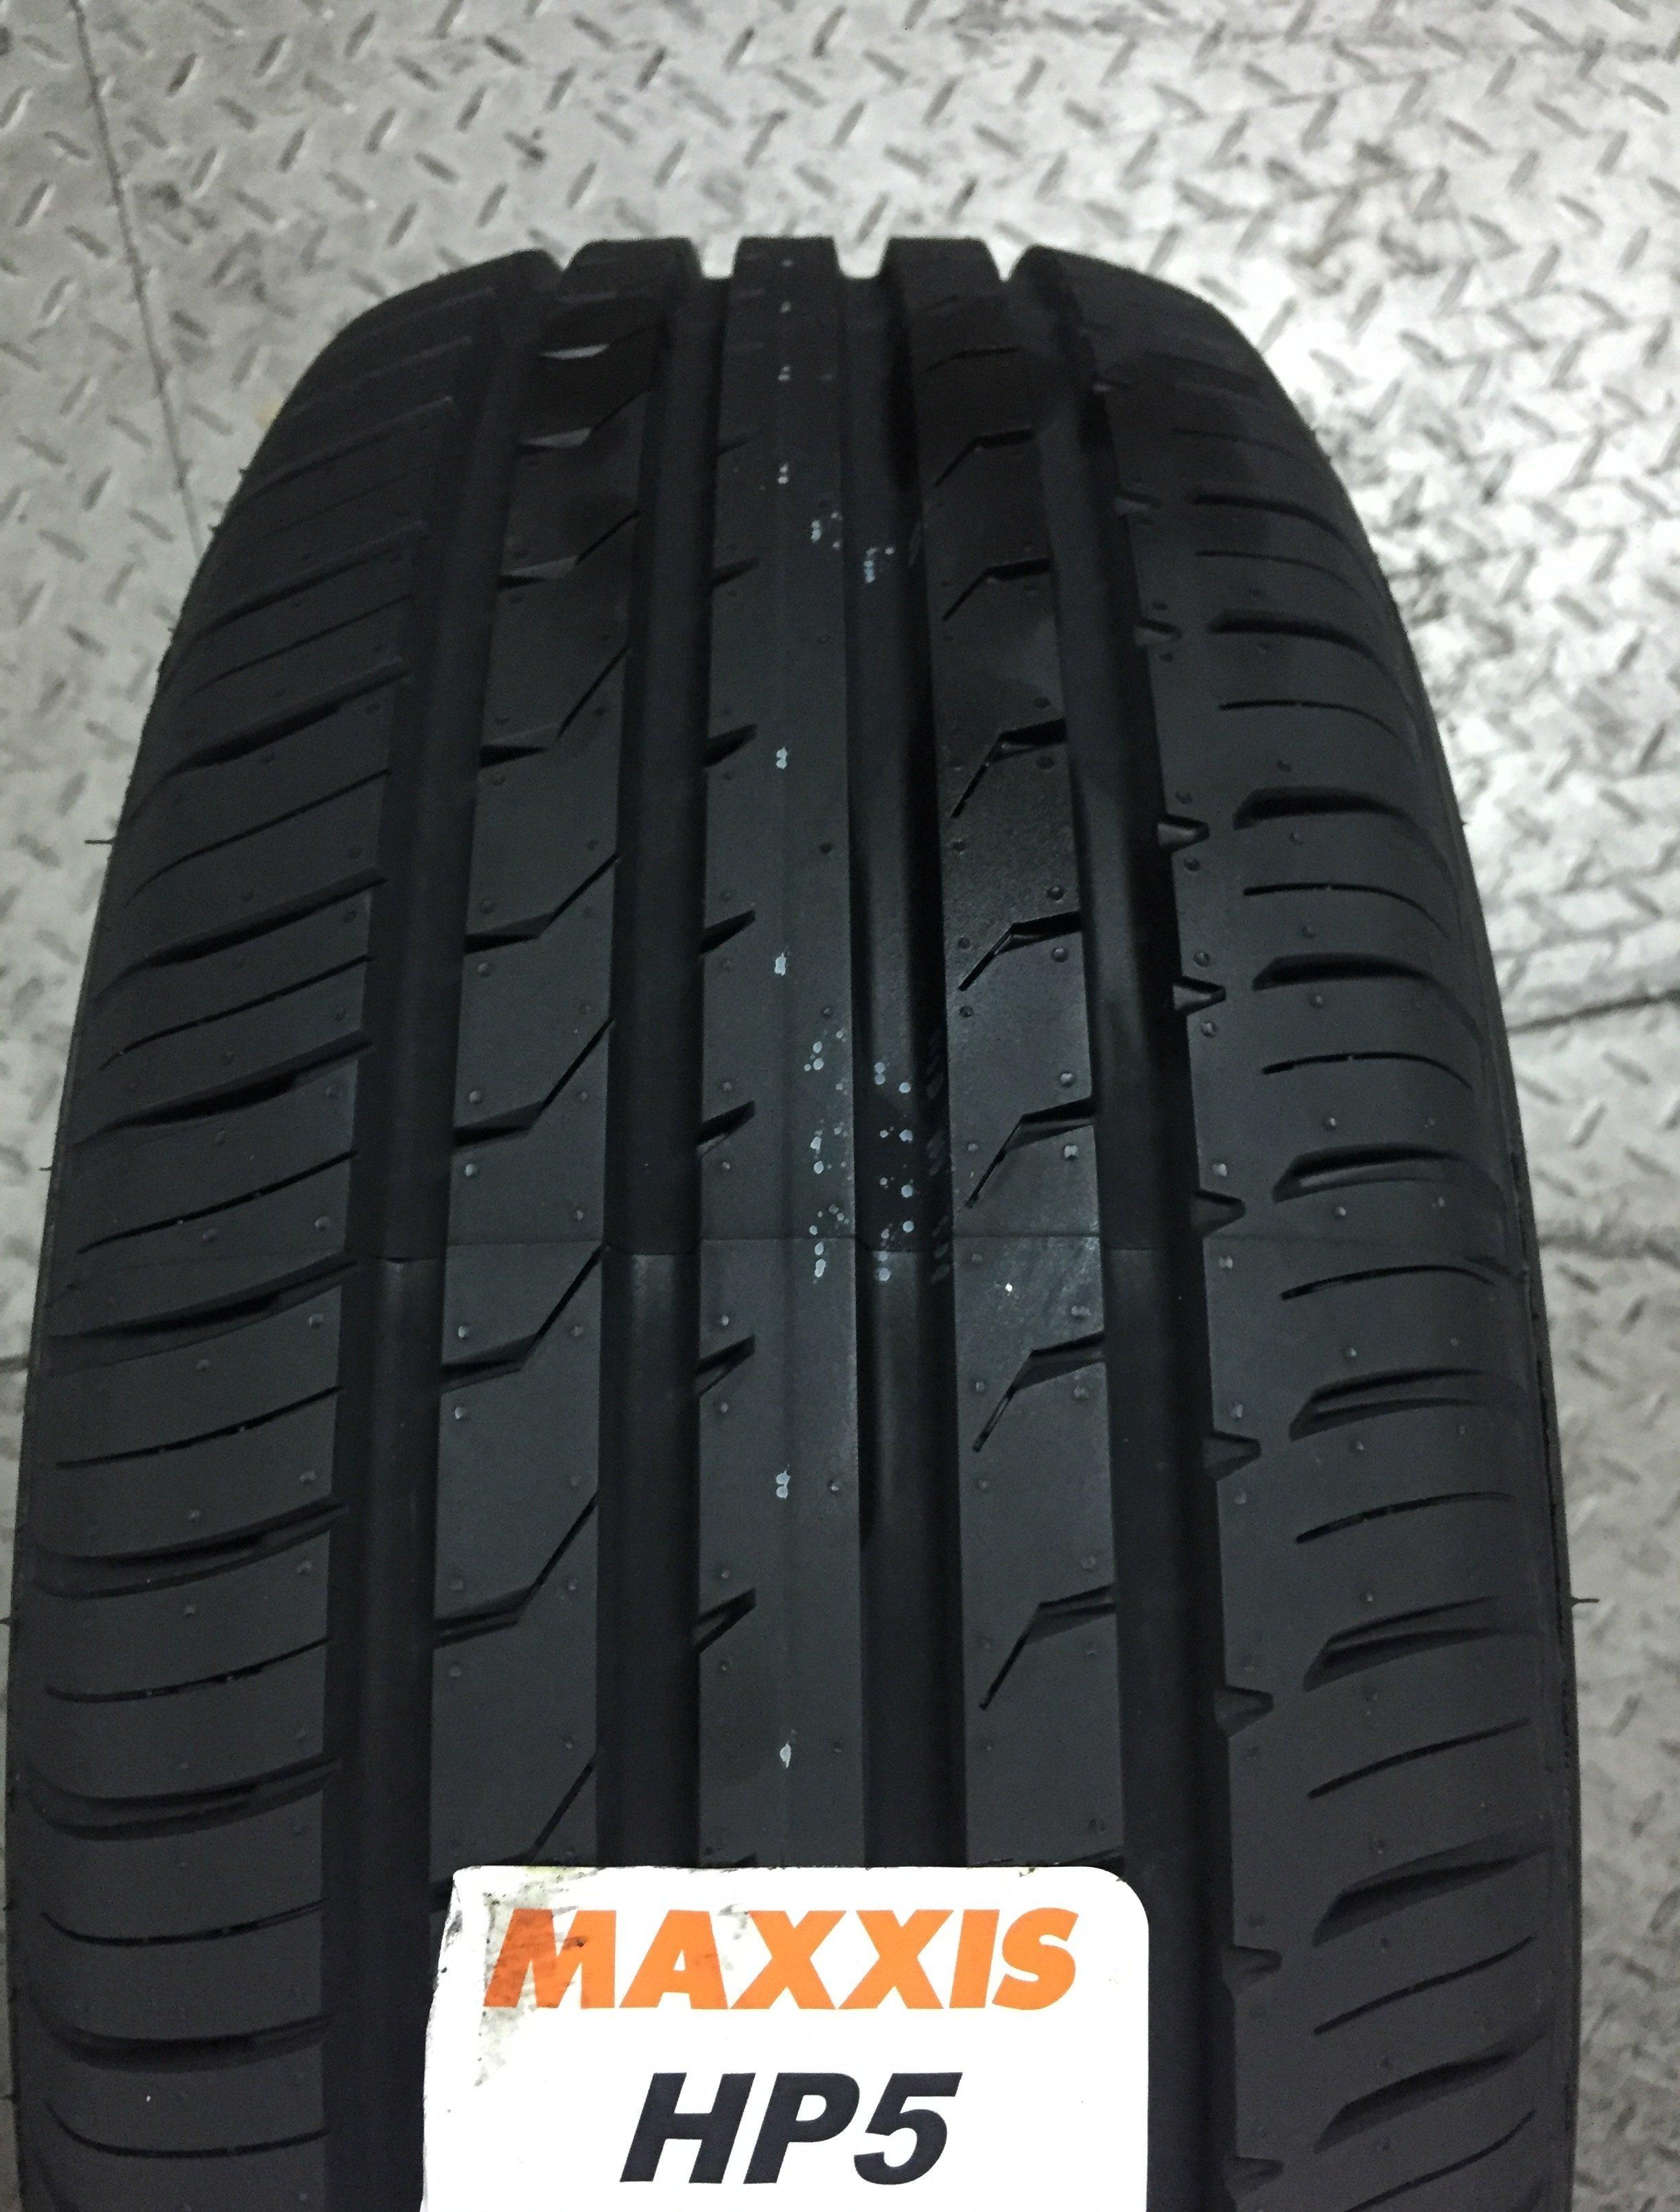 +超鑫輪胎鋁圈+  瑪吉斯 MAXXIS HP5 215/55-17 98W